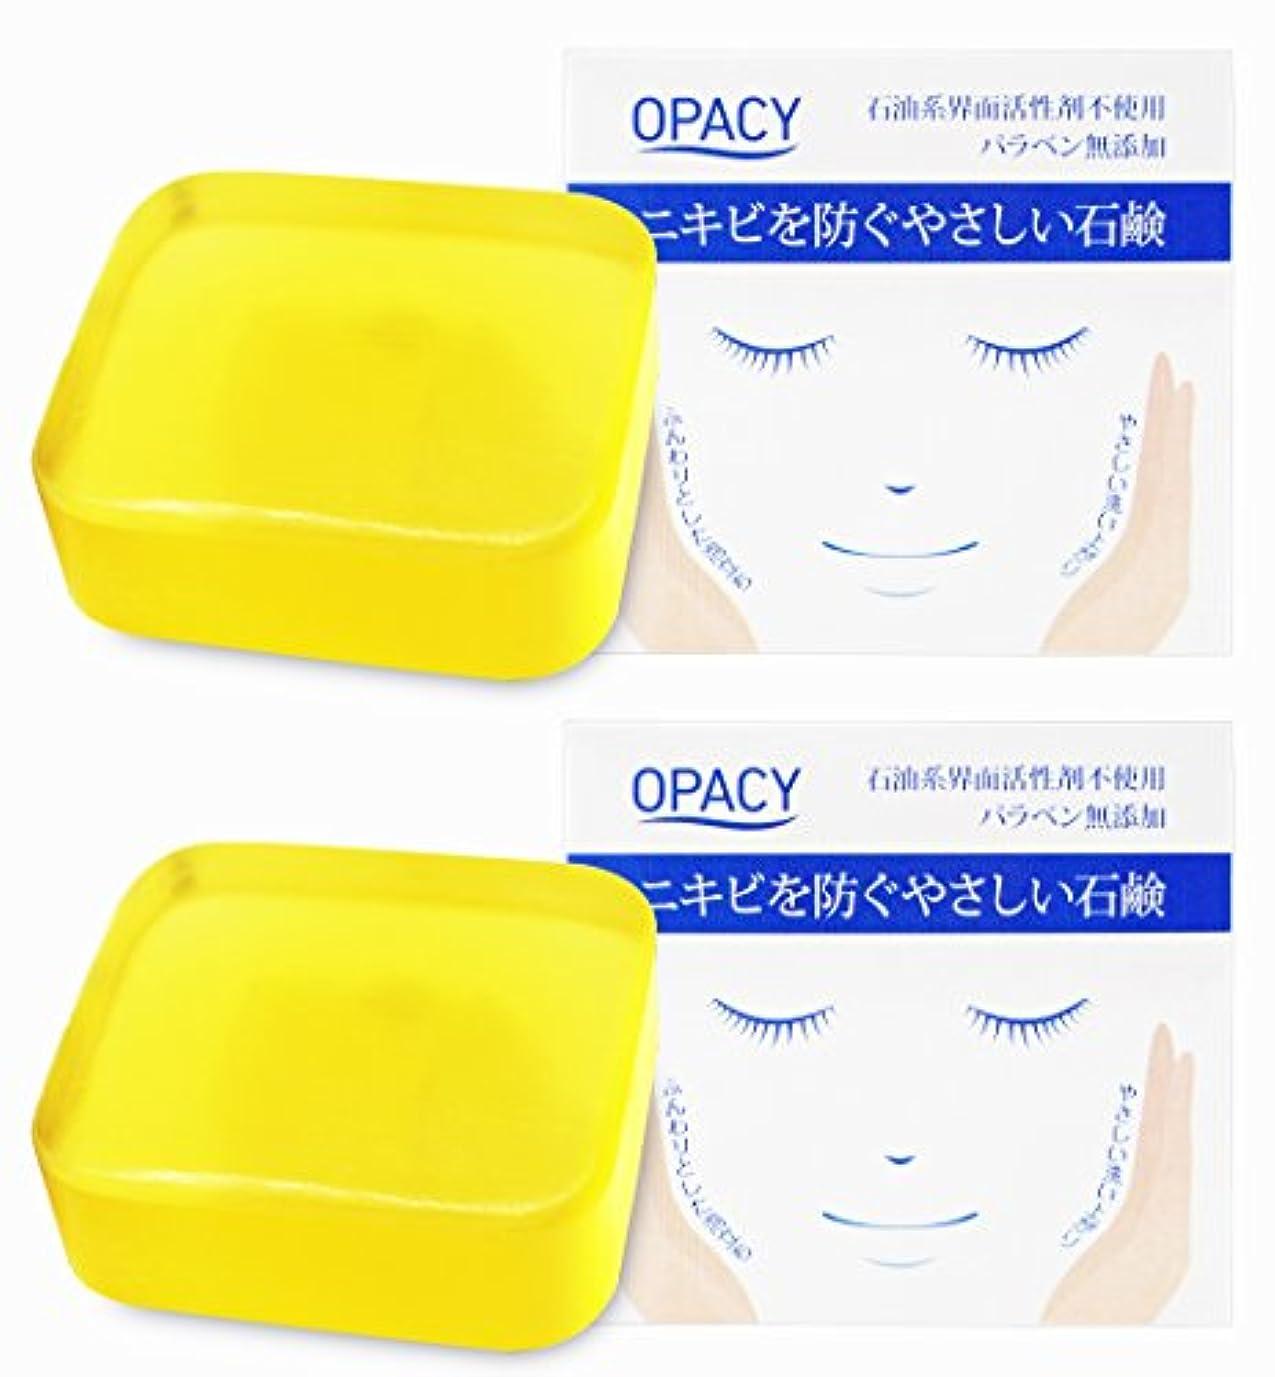 こする電池アーチ【2個セット】オパシー石鹸100g (2個)